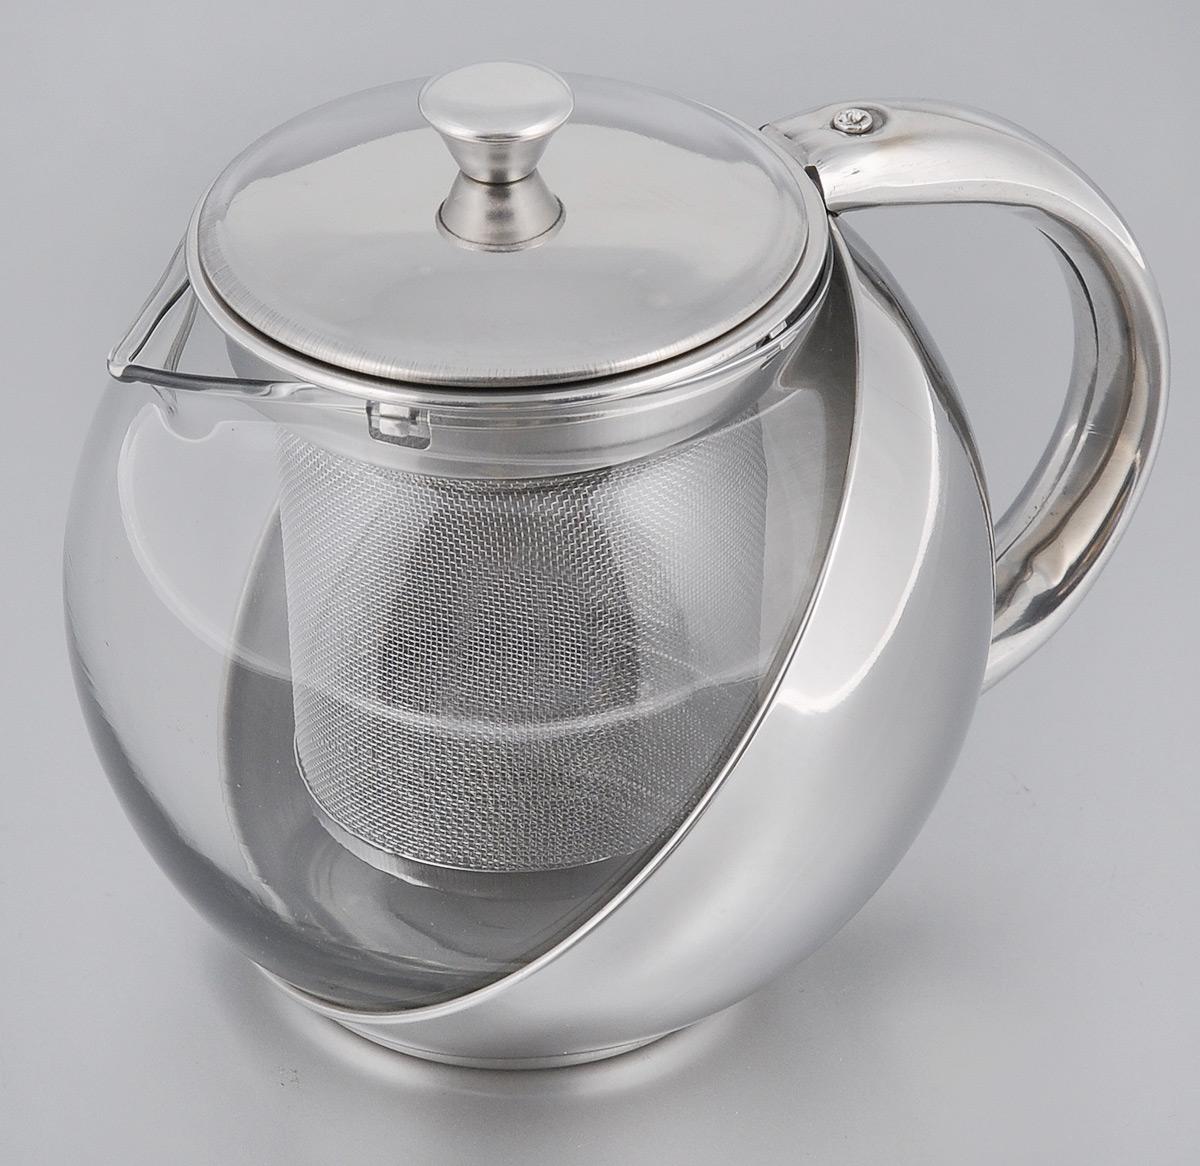 Чайник заварочный Miolla, с фильтром, 500 млDHA030BЗаварочный чайник Miolla, изготовленный из термостойкого стекла, предоставит вам все необходимые возможности для успешного заваривания чая. Чай в таком чайнике дольше остается горячим, а полезные и ароматические вещества полностью сохраняются в напитке. Чайник оснащен фильтром, выполненном из нержавеющей стали. Простой и удобный чайник поможет вам приготовить крепкий, ароматный чай. Нельзя мыть в посудомоечной машине. Не использовать в микроволновой печи. Диаметр чайника (по верхнему краю): 7 см. Высота чайника (без учета крышки): 10 см. Высота фильтра: 8 см.